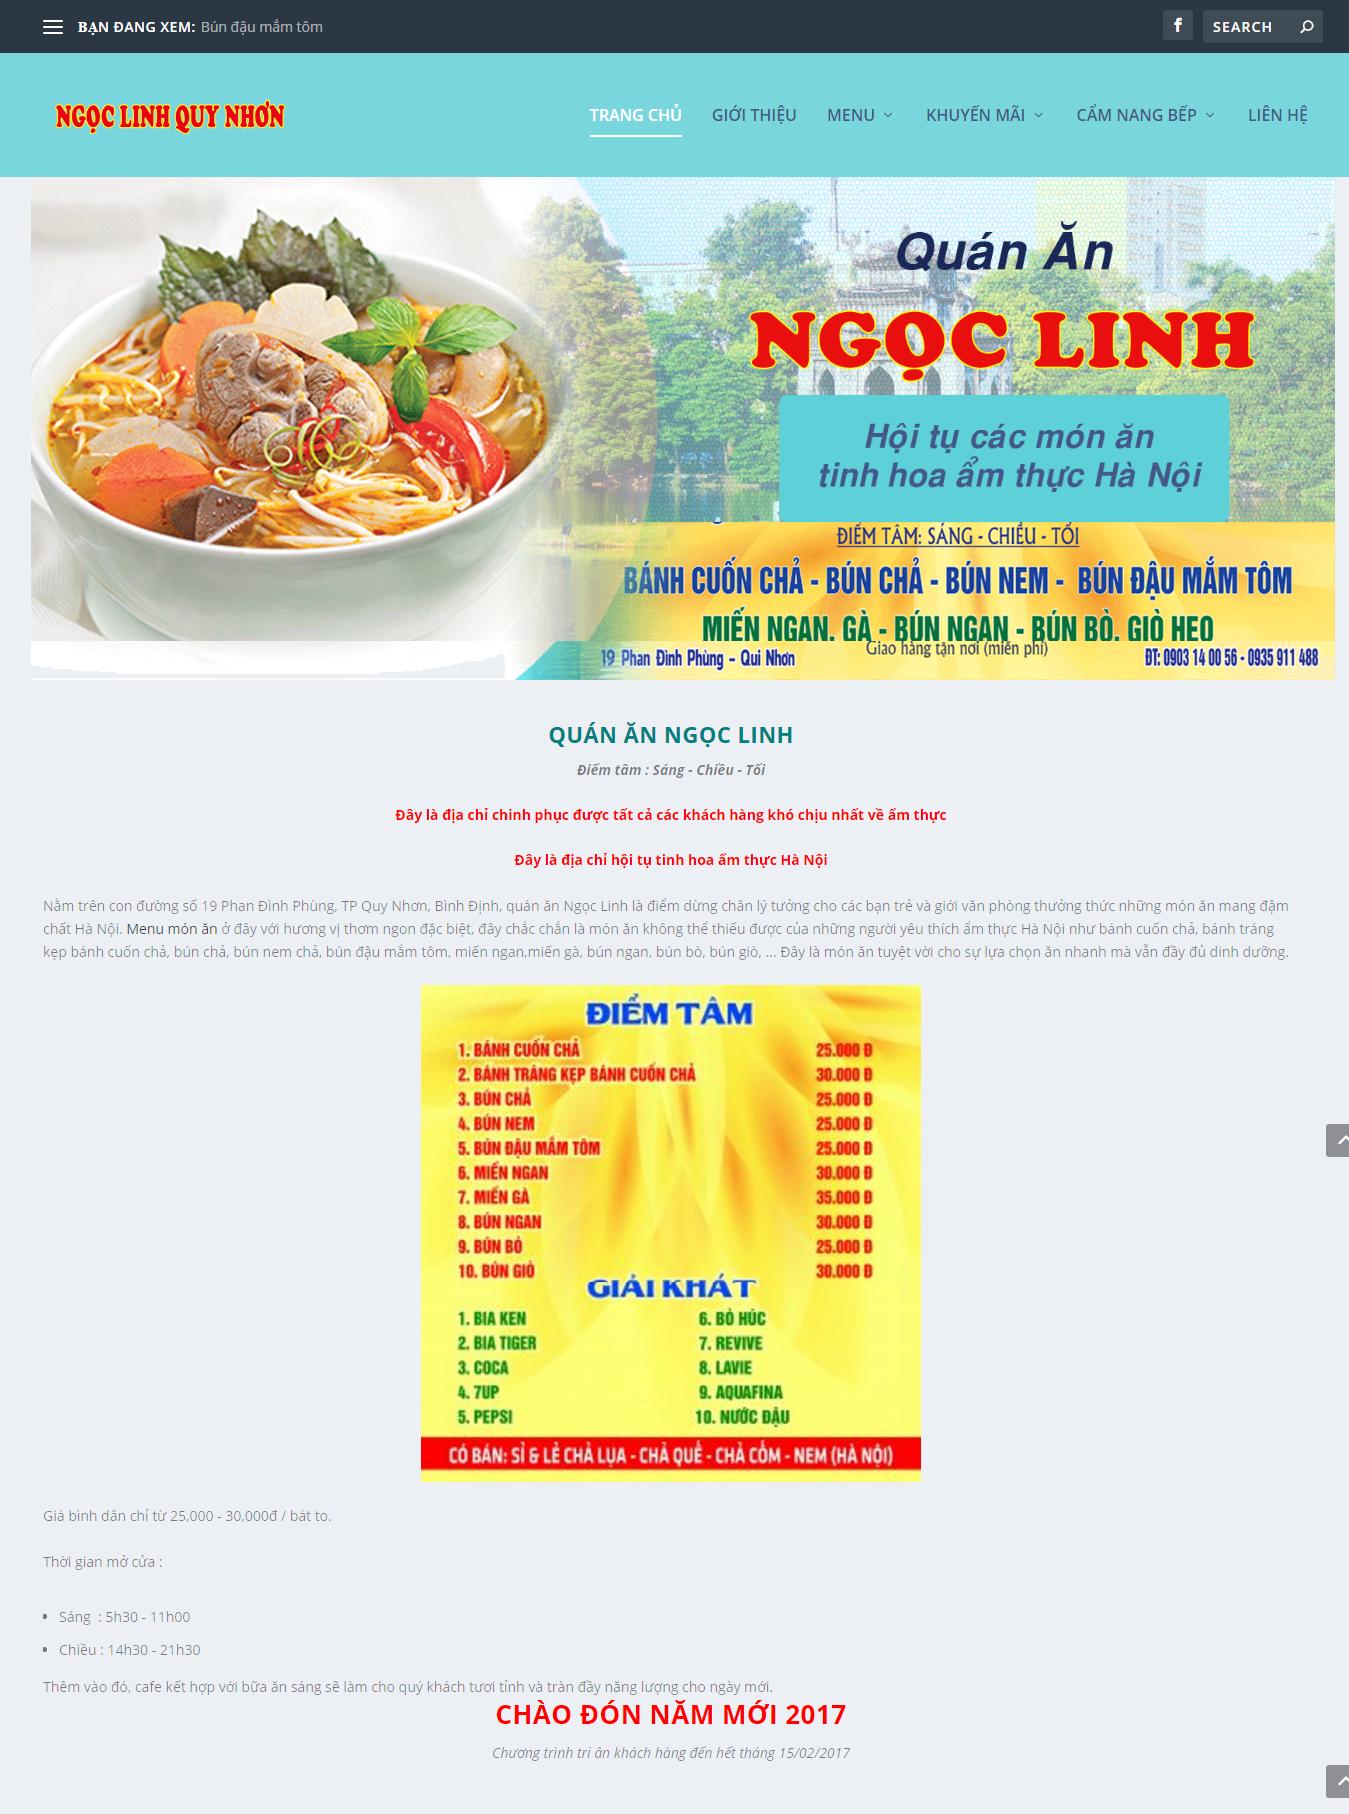 Quán ăn ngon Bình Định 1